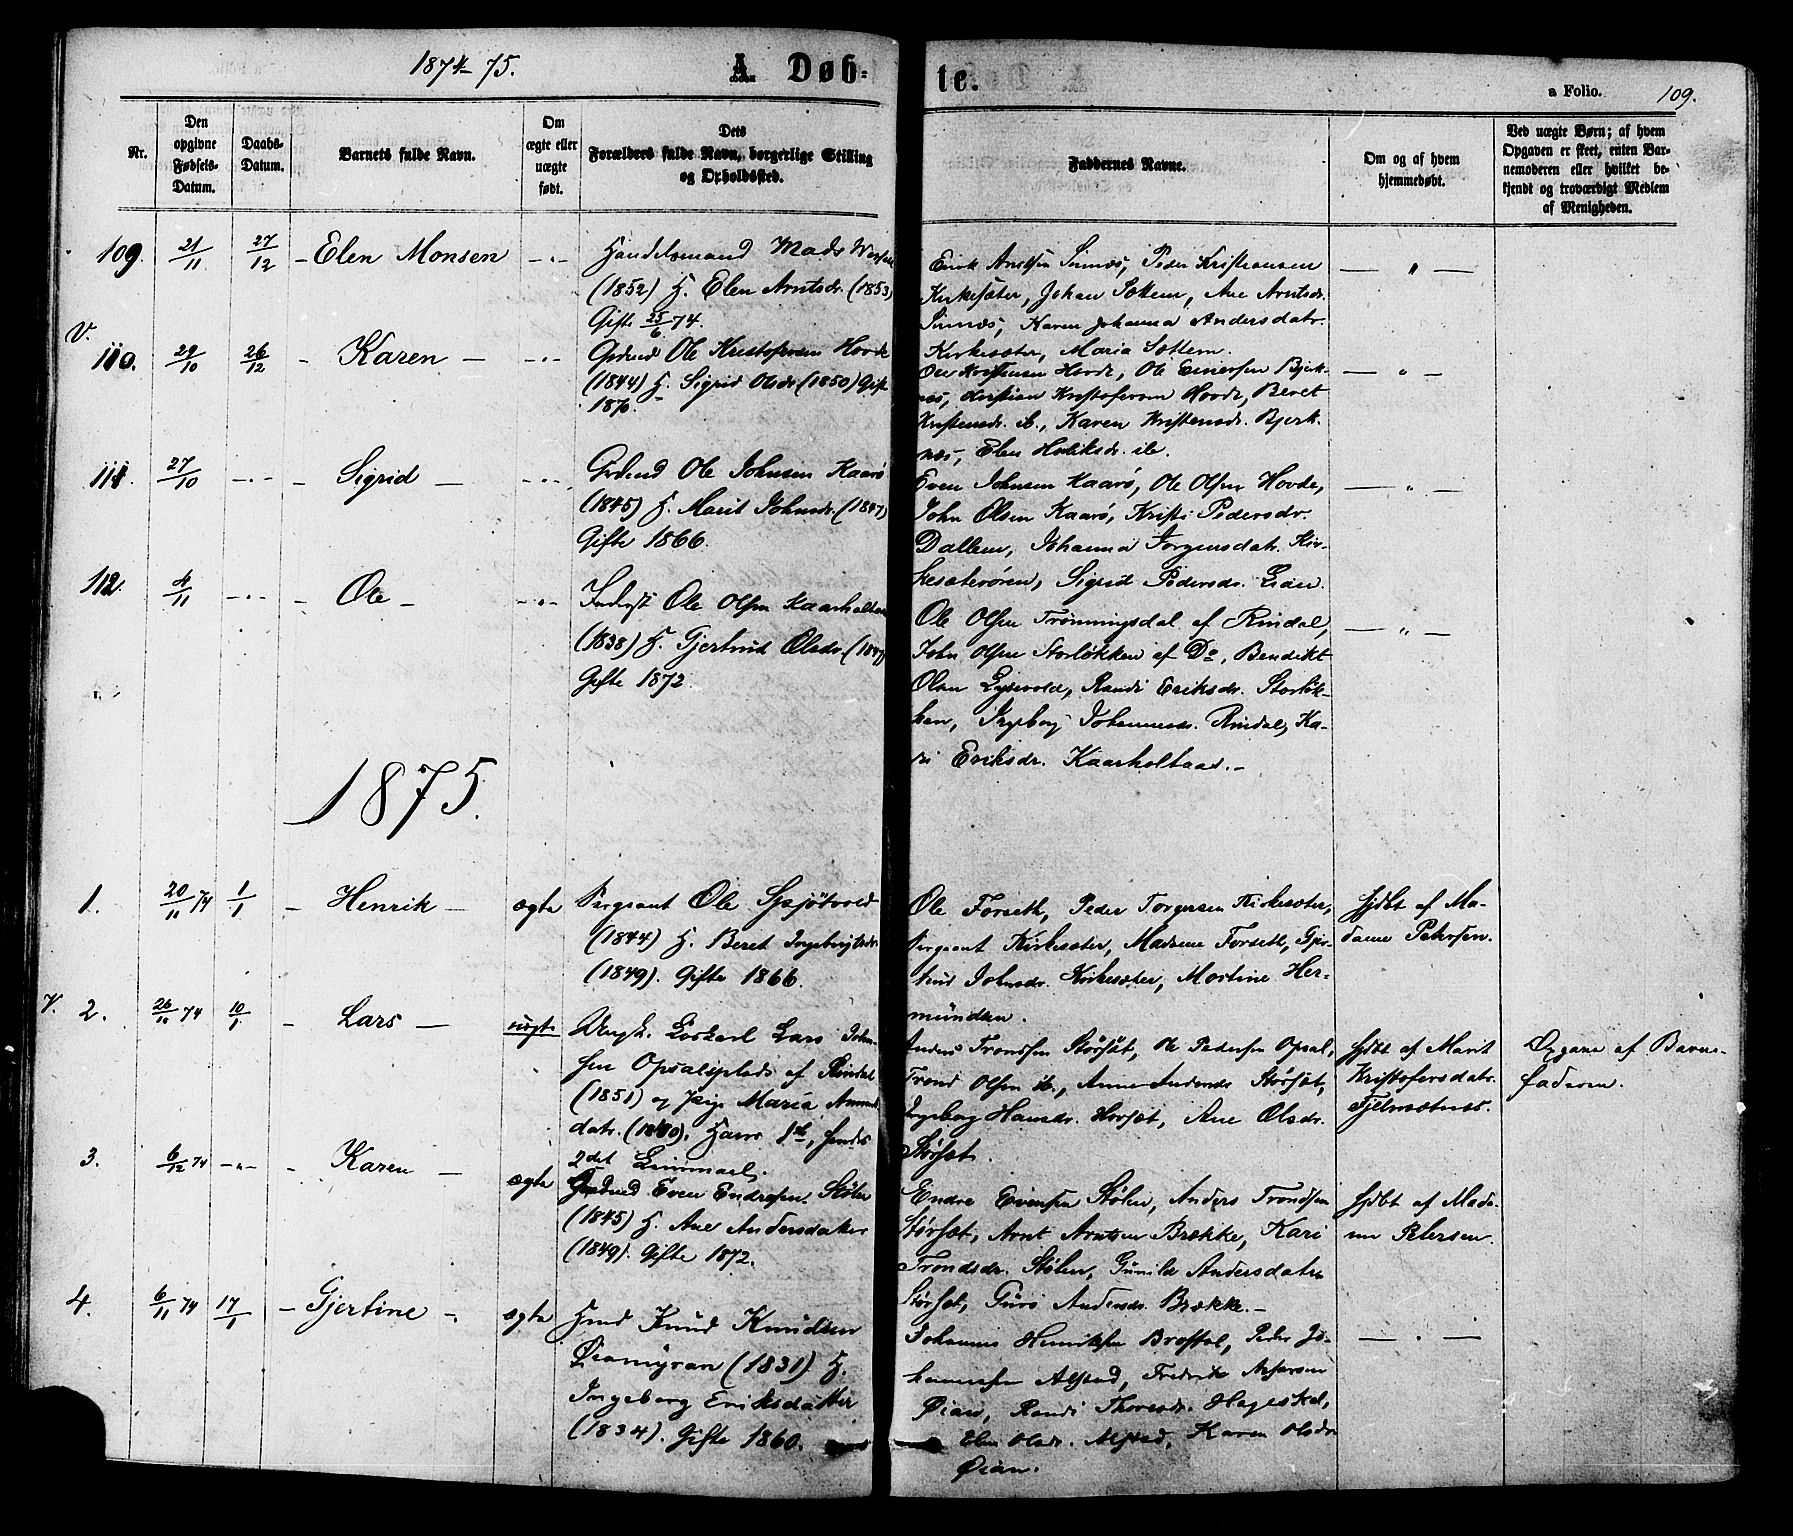 SAT, Ministerialprotokoller, klokkerbøker og fødselsregistre - Sør-Trøndelag, 630/L0495: Ministerialbok nr. 630A08, 1868-1878, s. 109